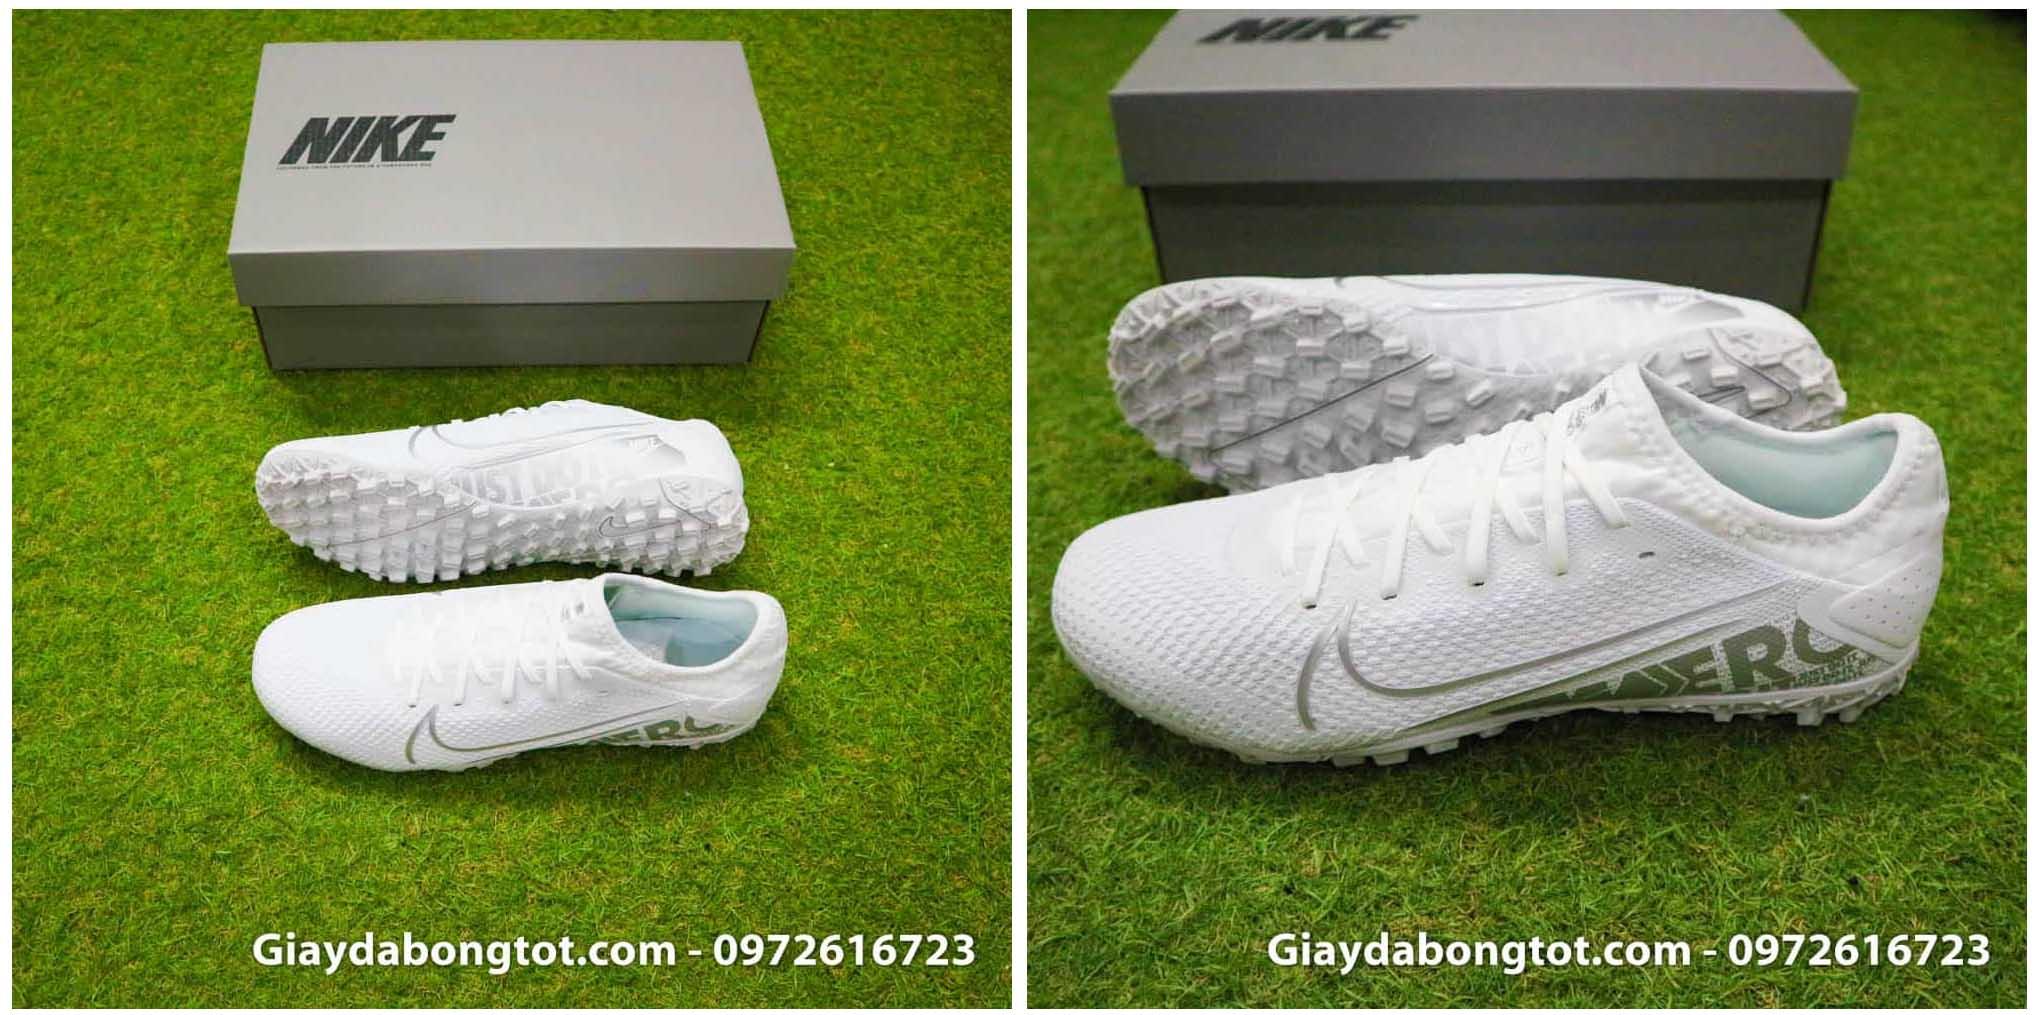 Giày bóng đá Nike màu trắng toàn thân Mercurial Vapor 13 Pro TF